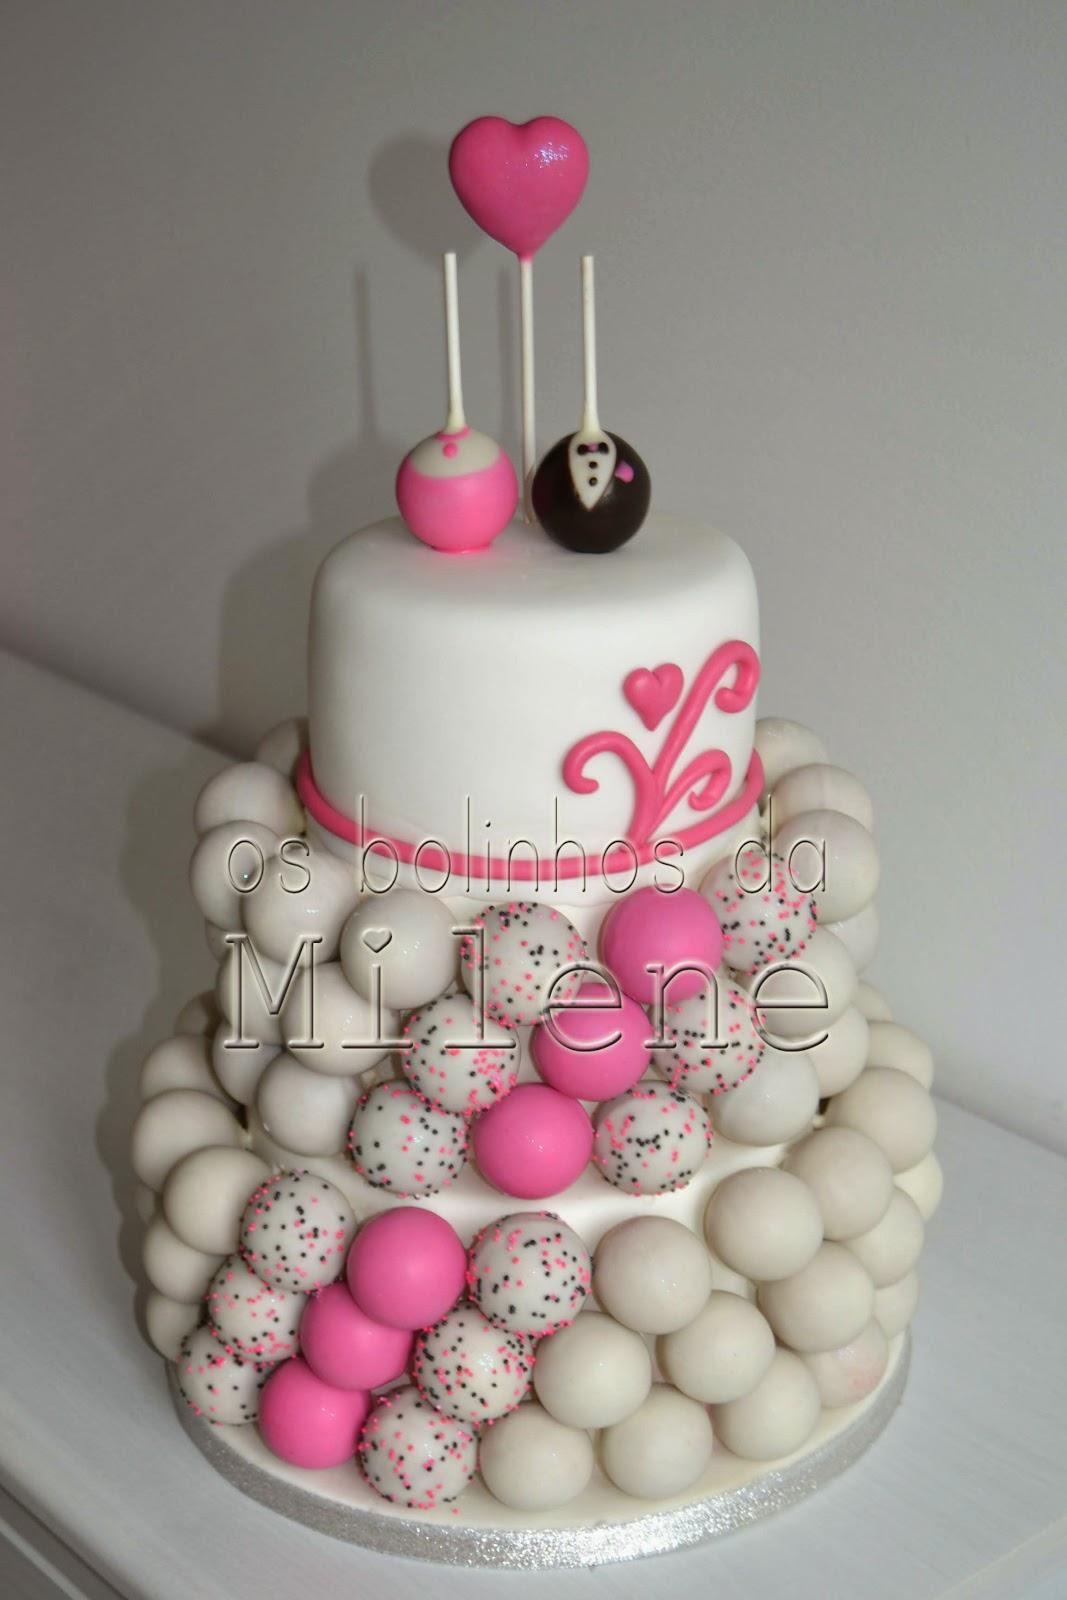 cake pops portugal os bolinhos da milene wedding cake pop cake cake pops casamento. Black Bedroom Furniture Sets. Home Design Ideas